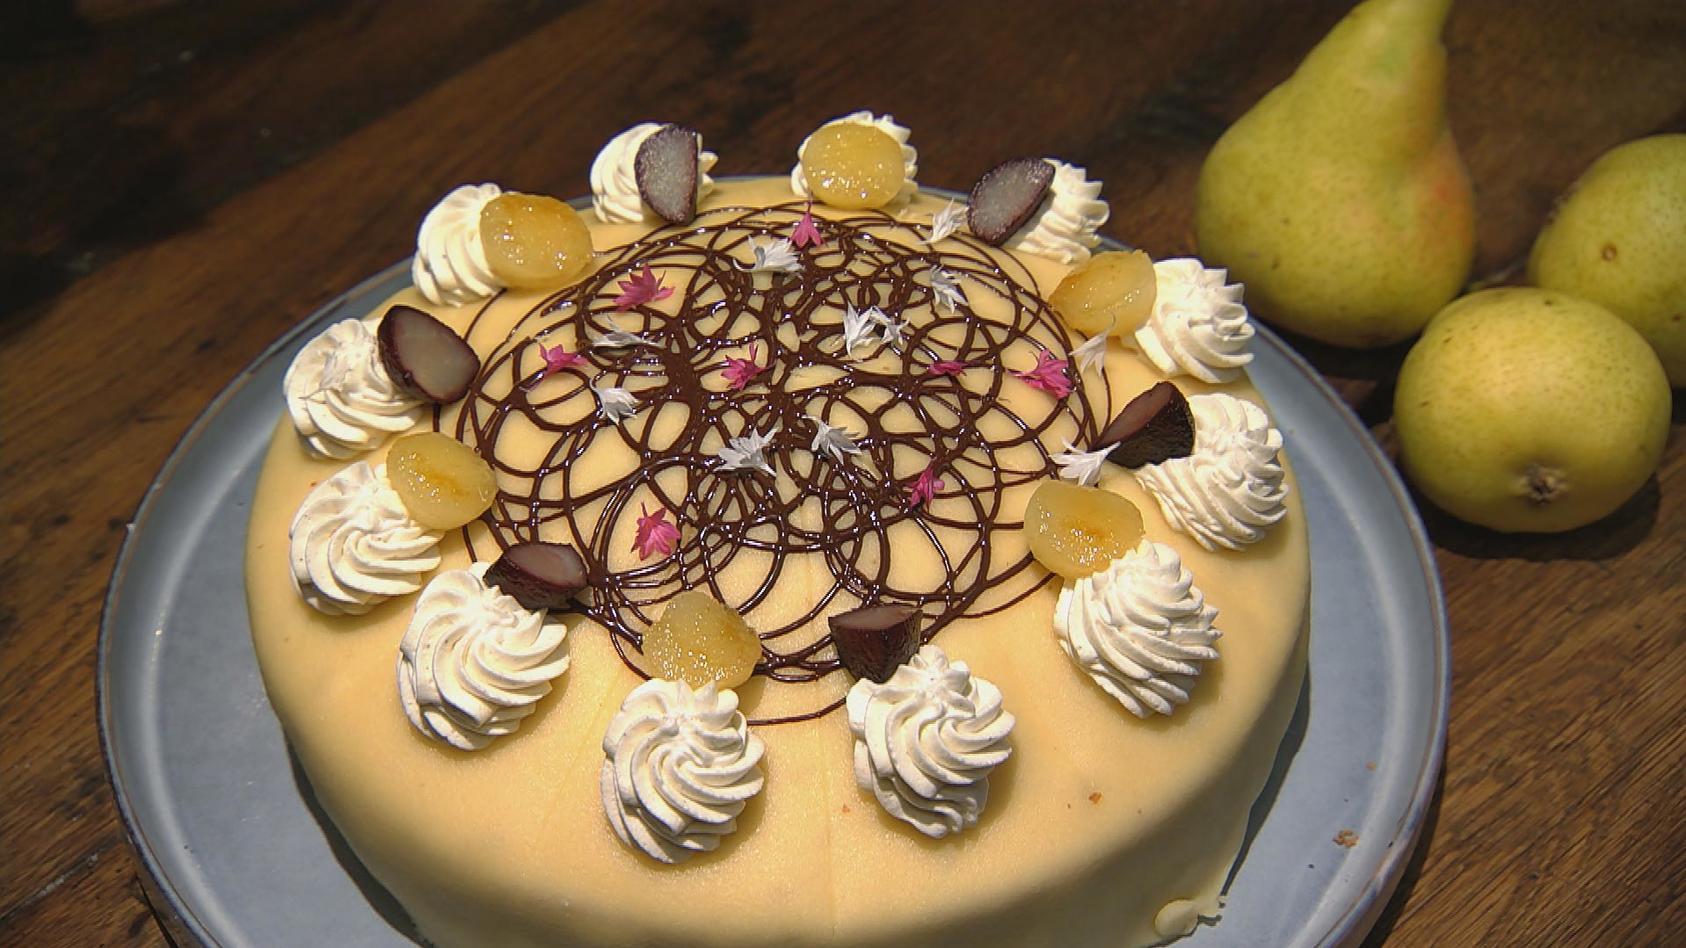 Süß und herzhaft aus dem Ofen - Das kriegt jeder gebacken: Mohn-Birnen-Torte